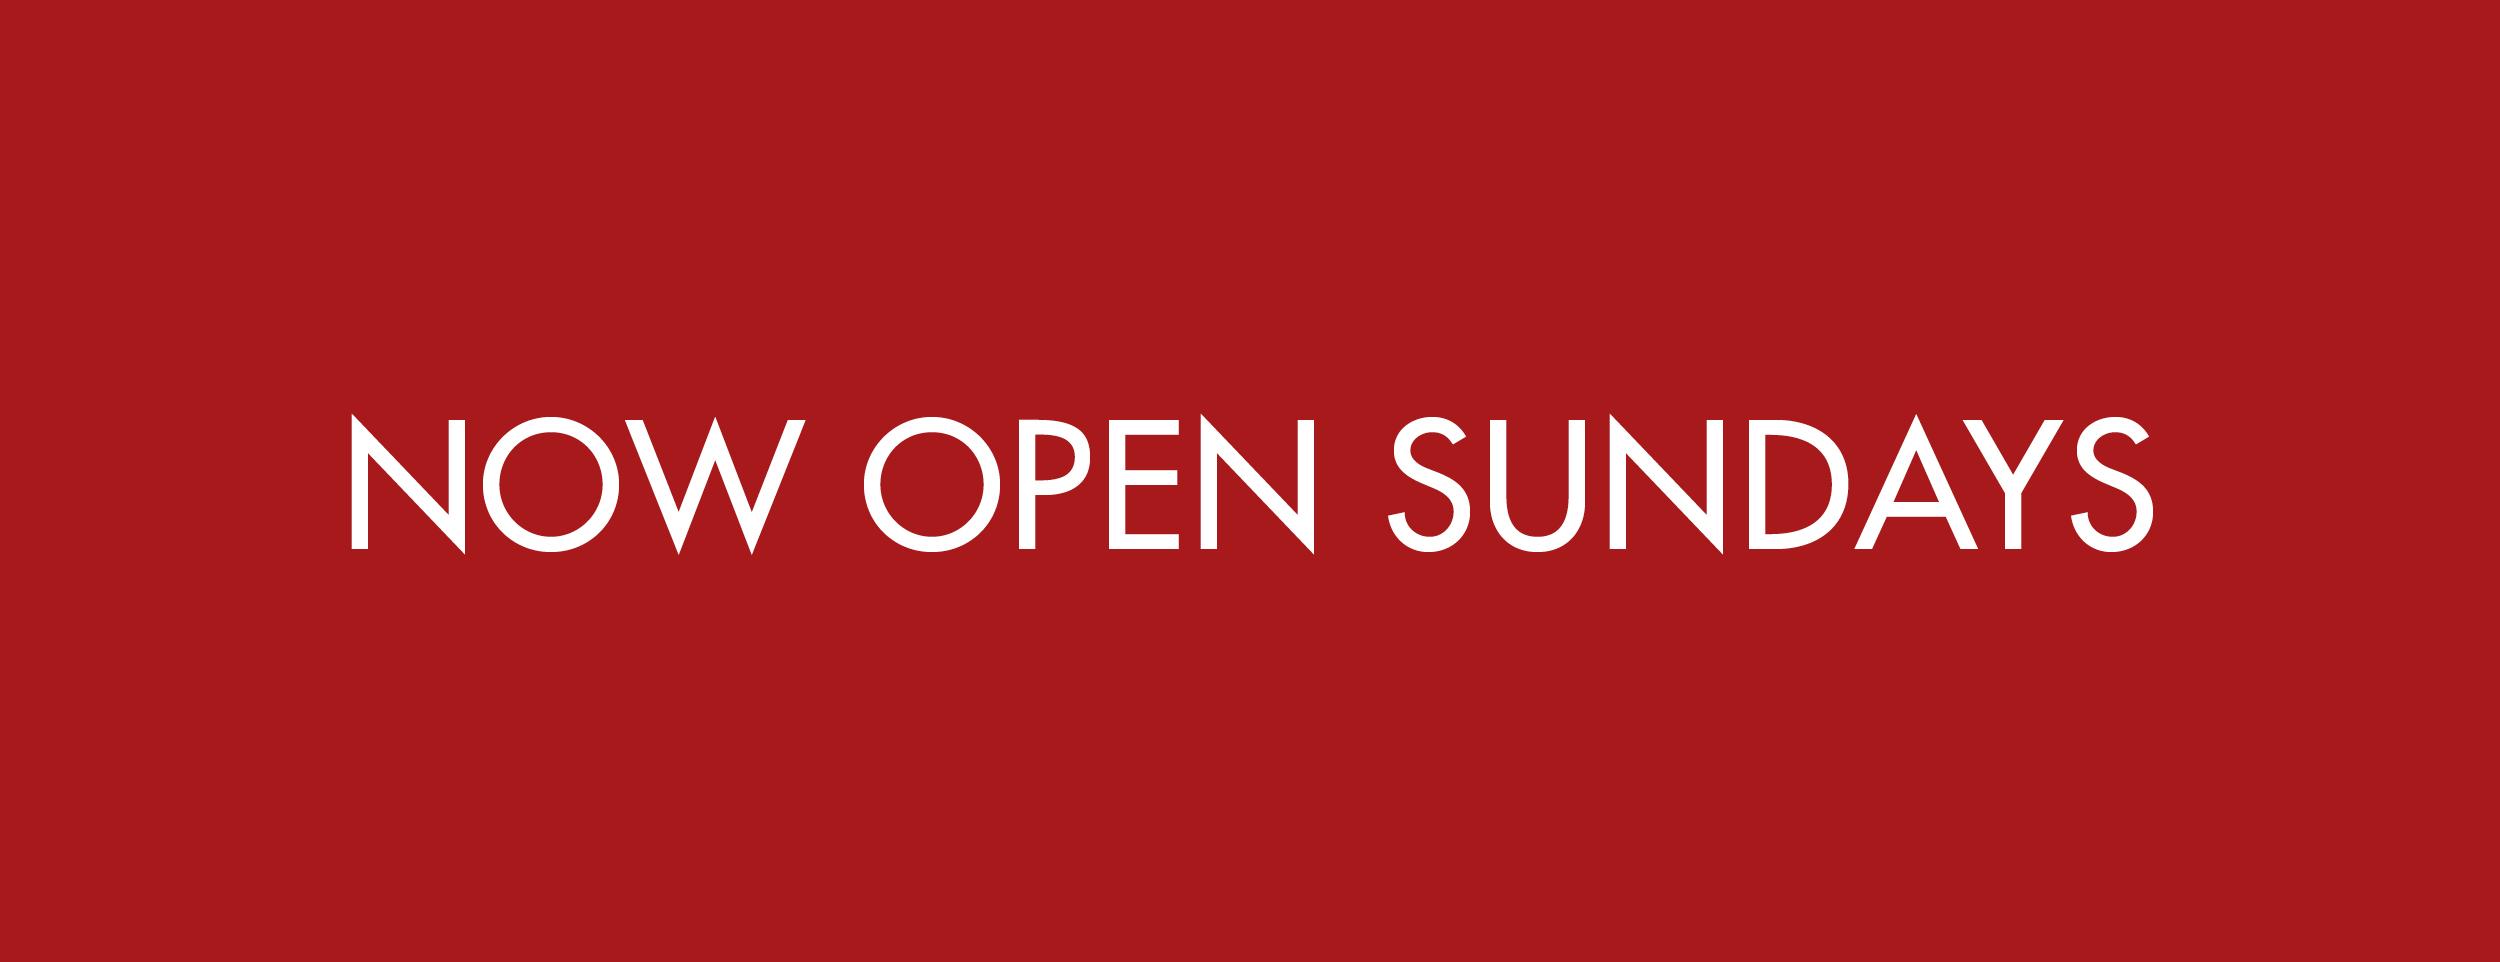 Open Sundays 01.jpg